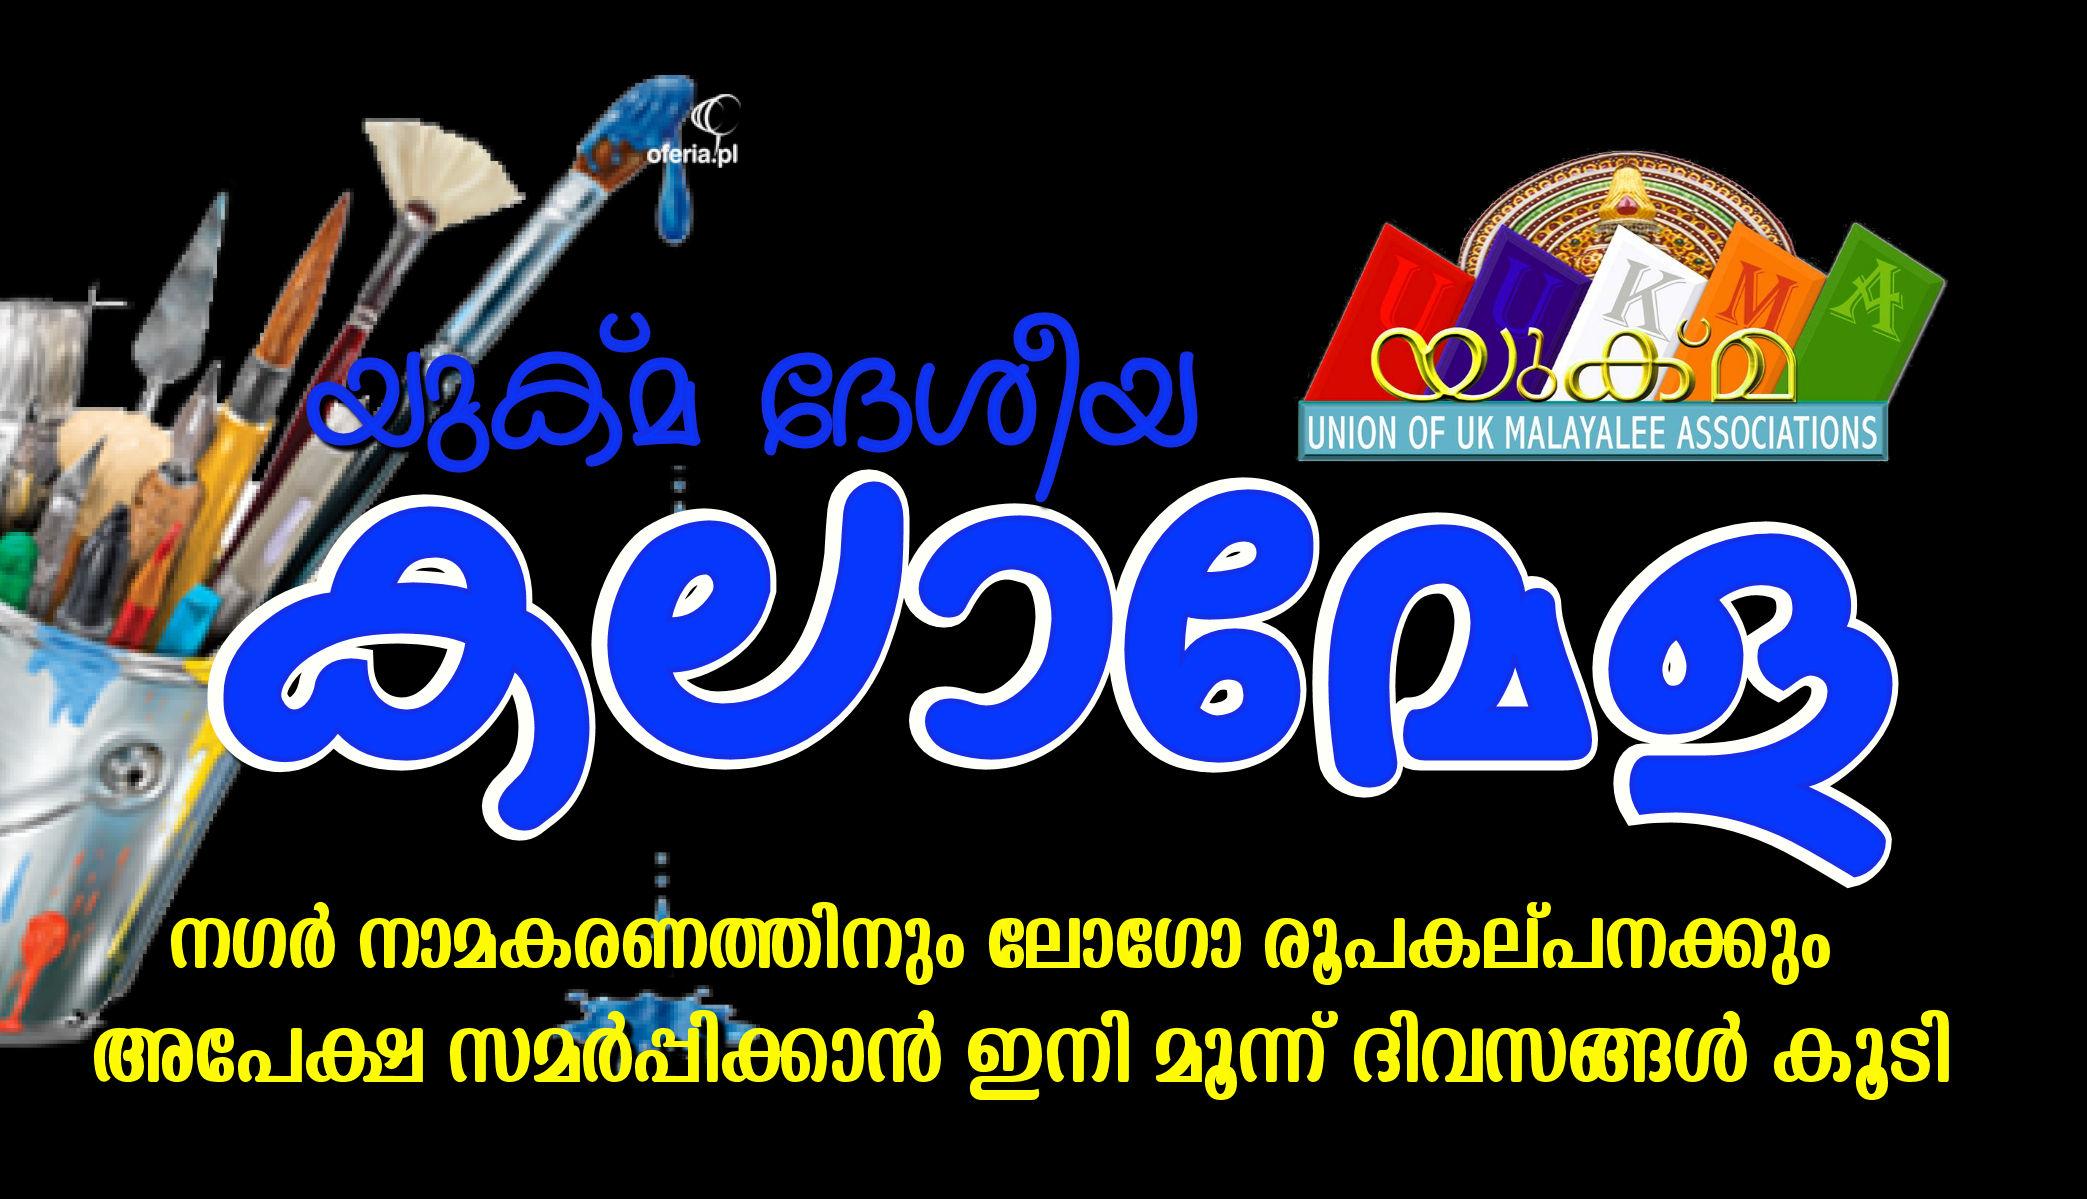 http://uukmanews.com/kalamela-logo-nagar/